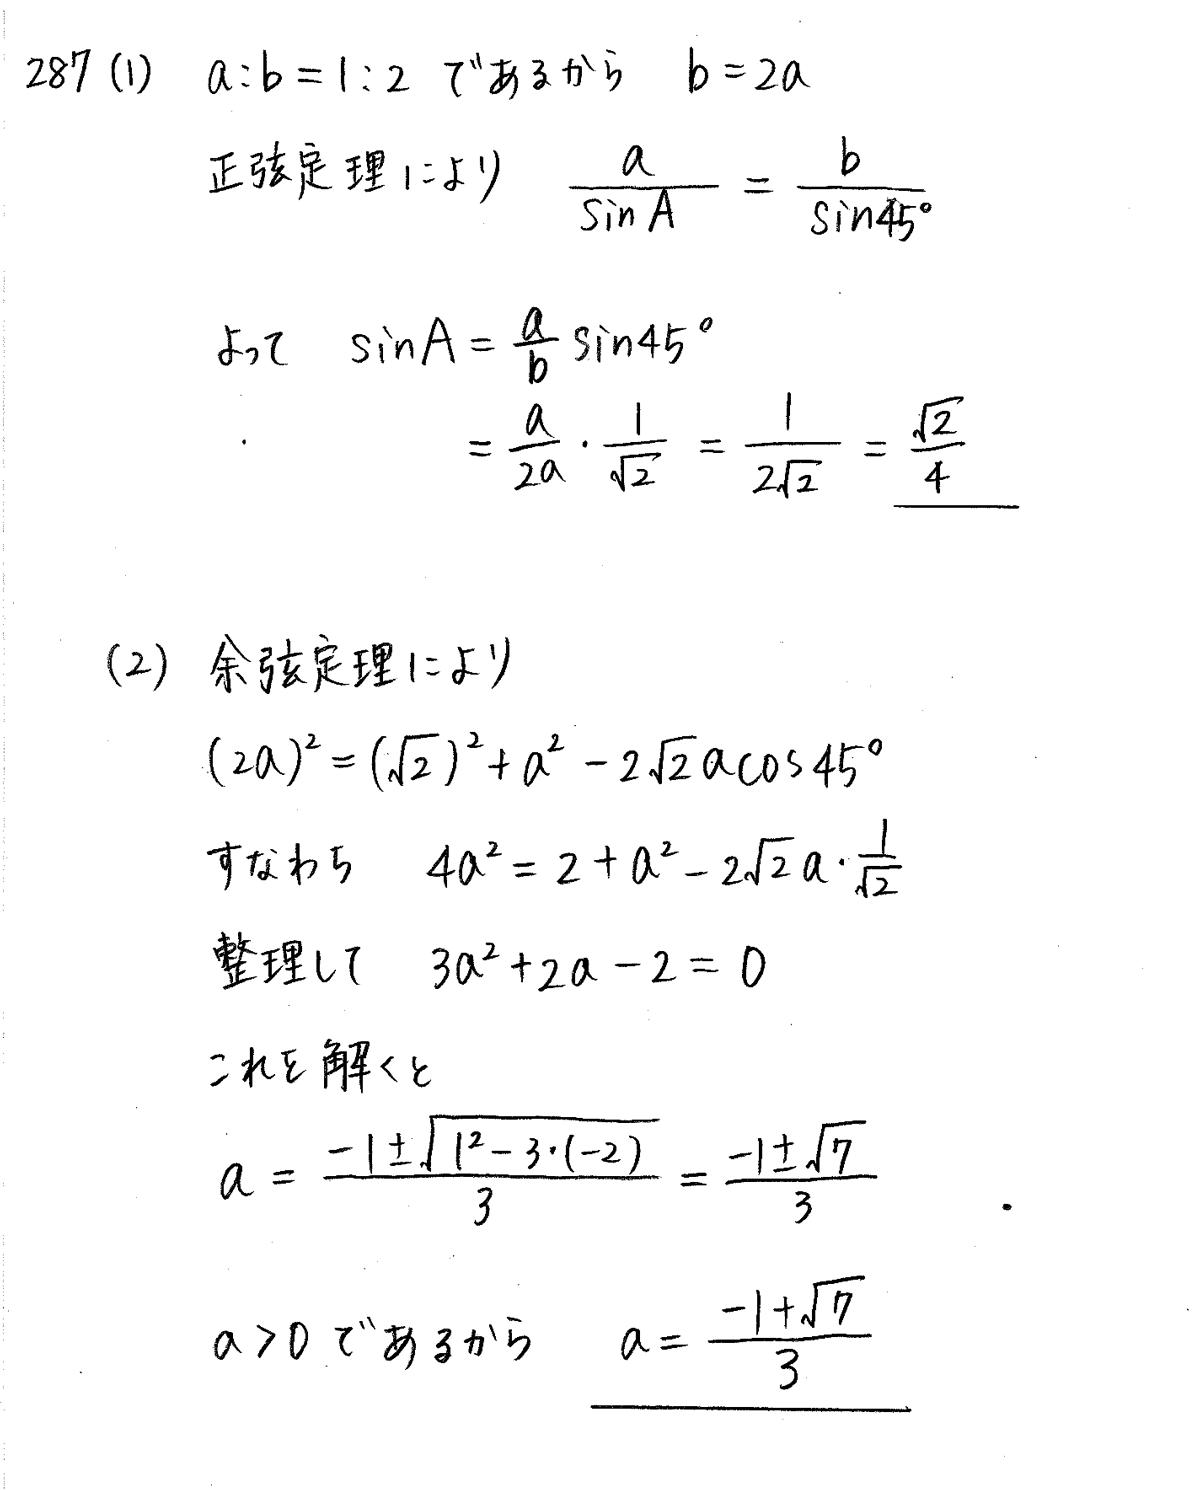 クリアー数学1-287解答